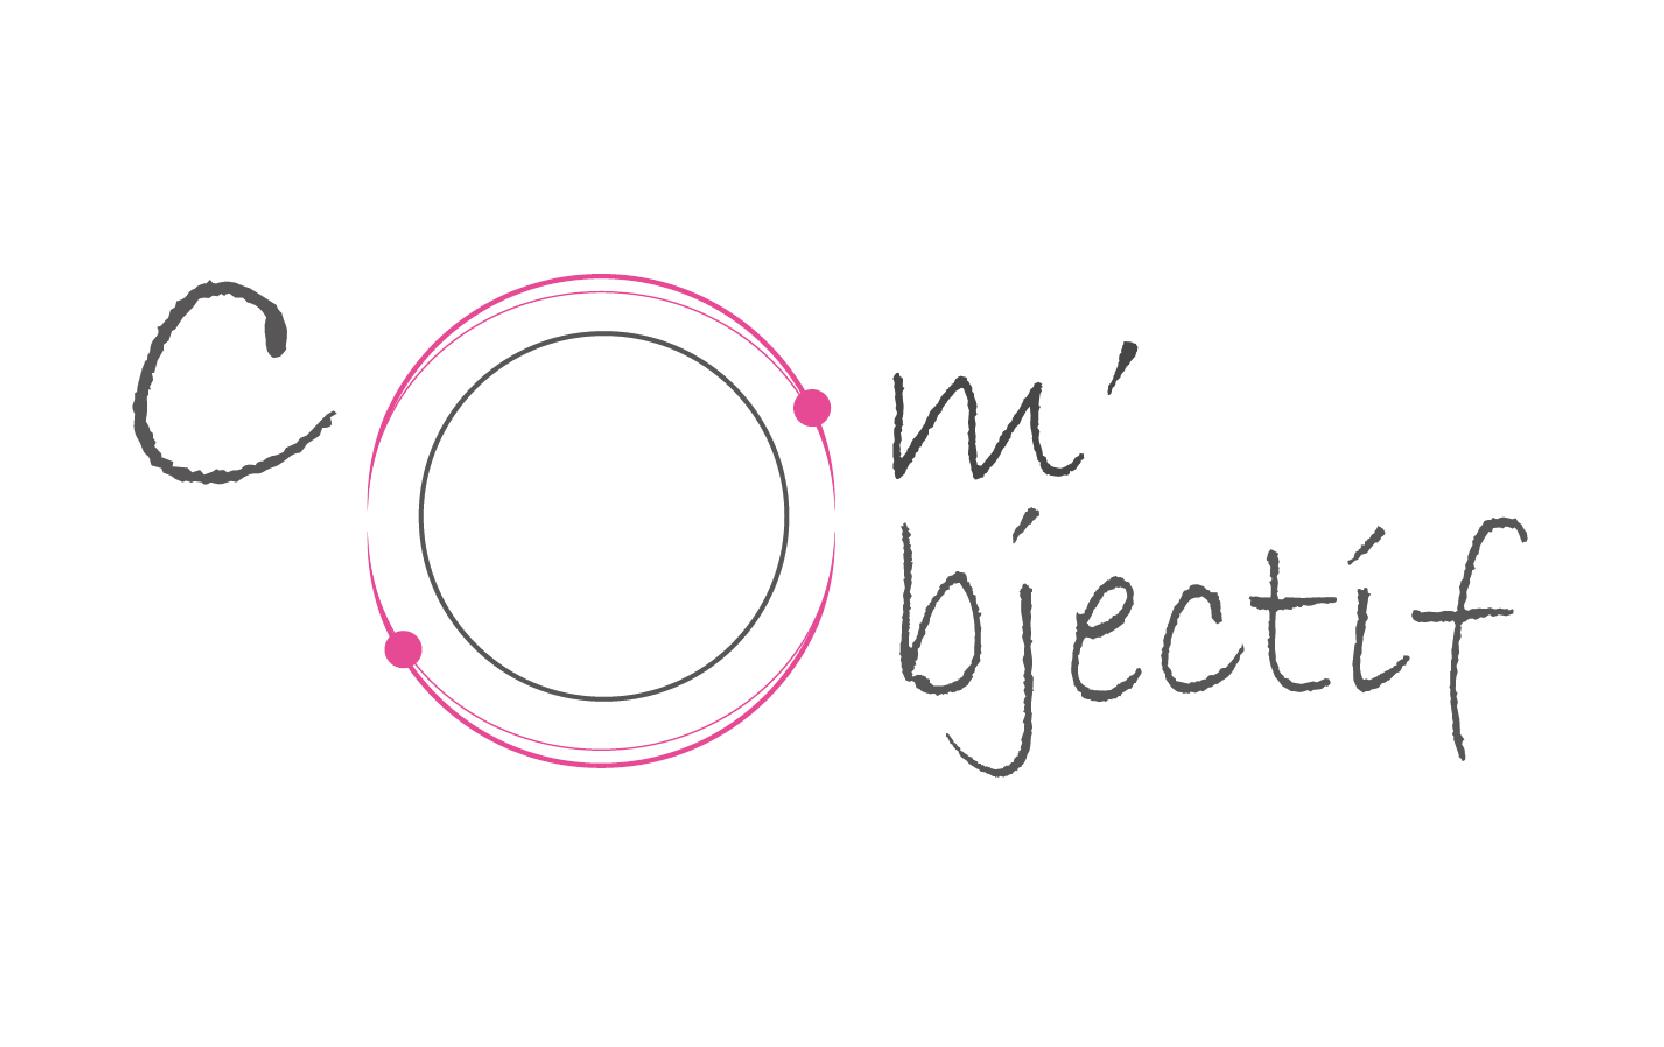 Logo réalisé par Julie Laluque, chargée de communication indépendante à Mios